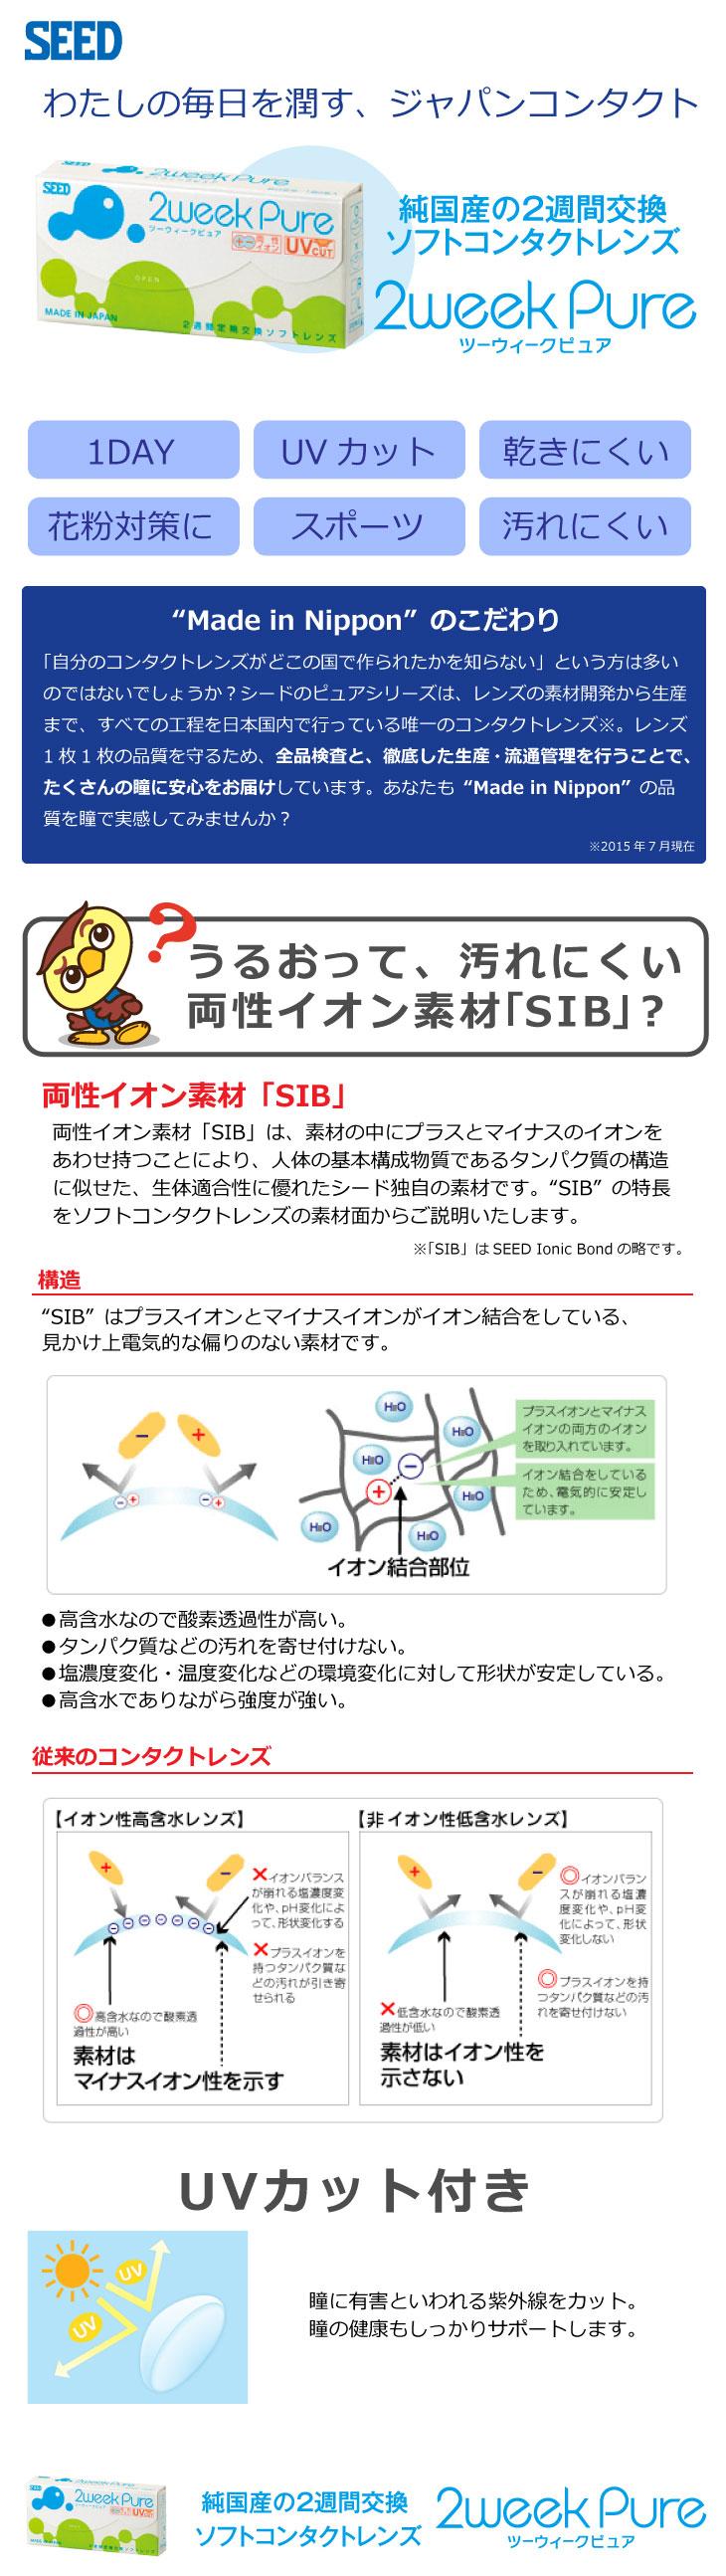 日本人の瞳を半世紀にわたって研究し続けてきたシードが、すべて国内で製造している「純国産」のシード 2ウィークピュア。 シードだけの両性イオン素材「SIB」を使った、「うるおいたっぷりなのにキレイを保つ」レンズです。もちろんUVカット機能付き。コンタクトレンズがはじめての方にもオススメです。